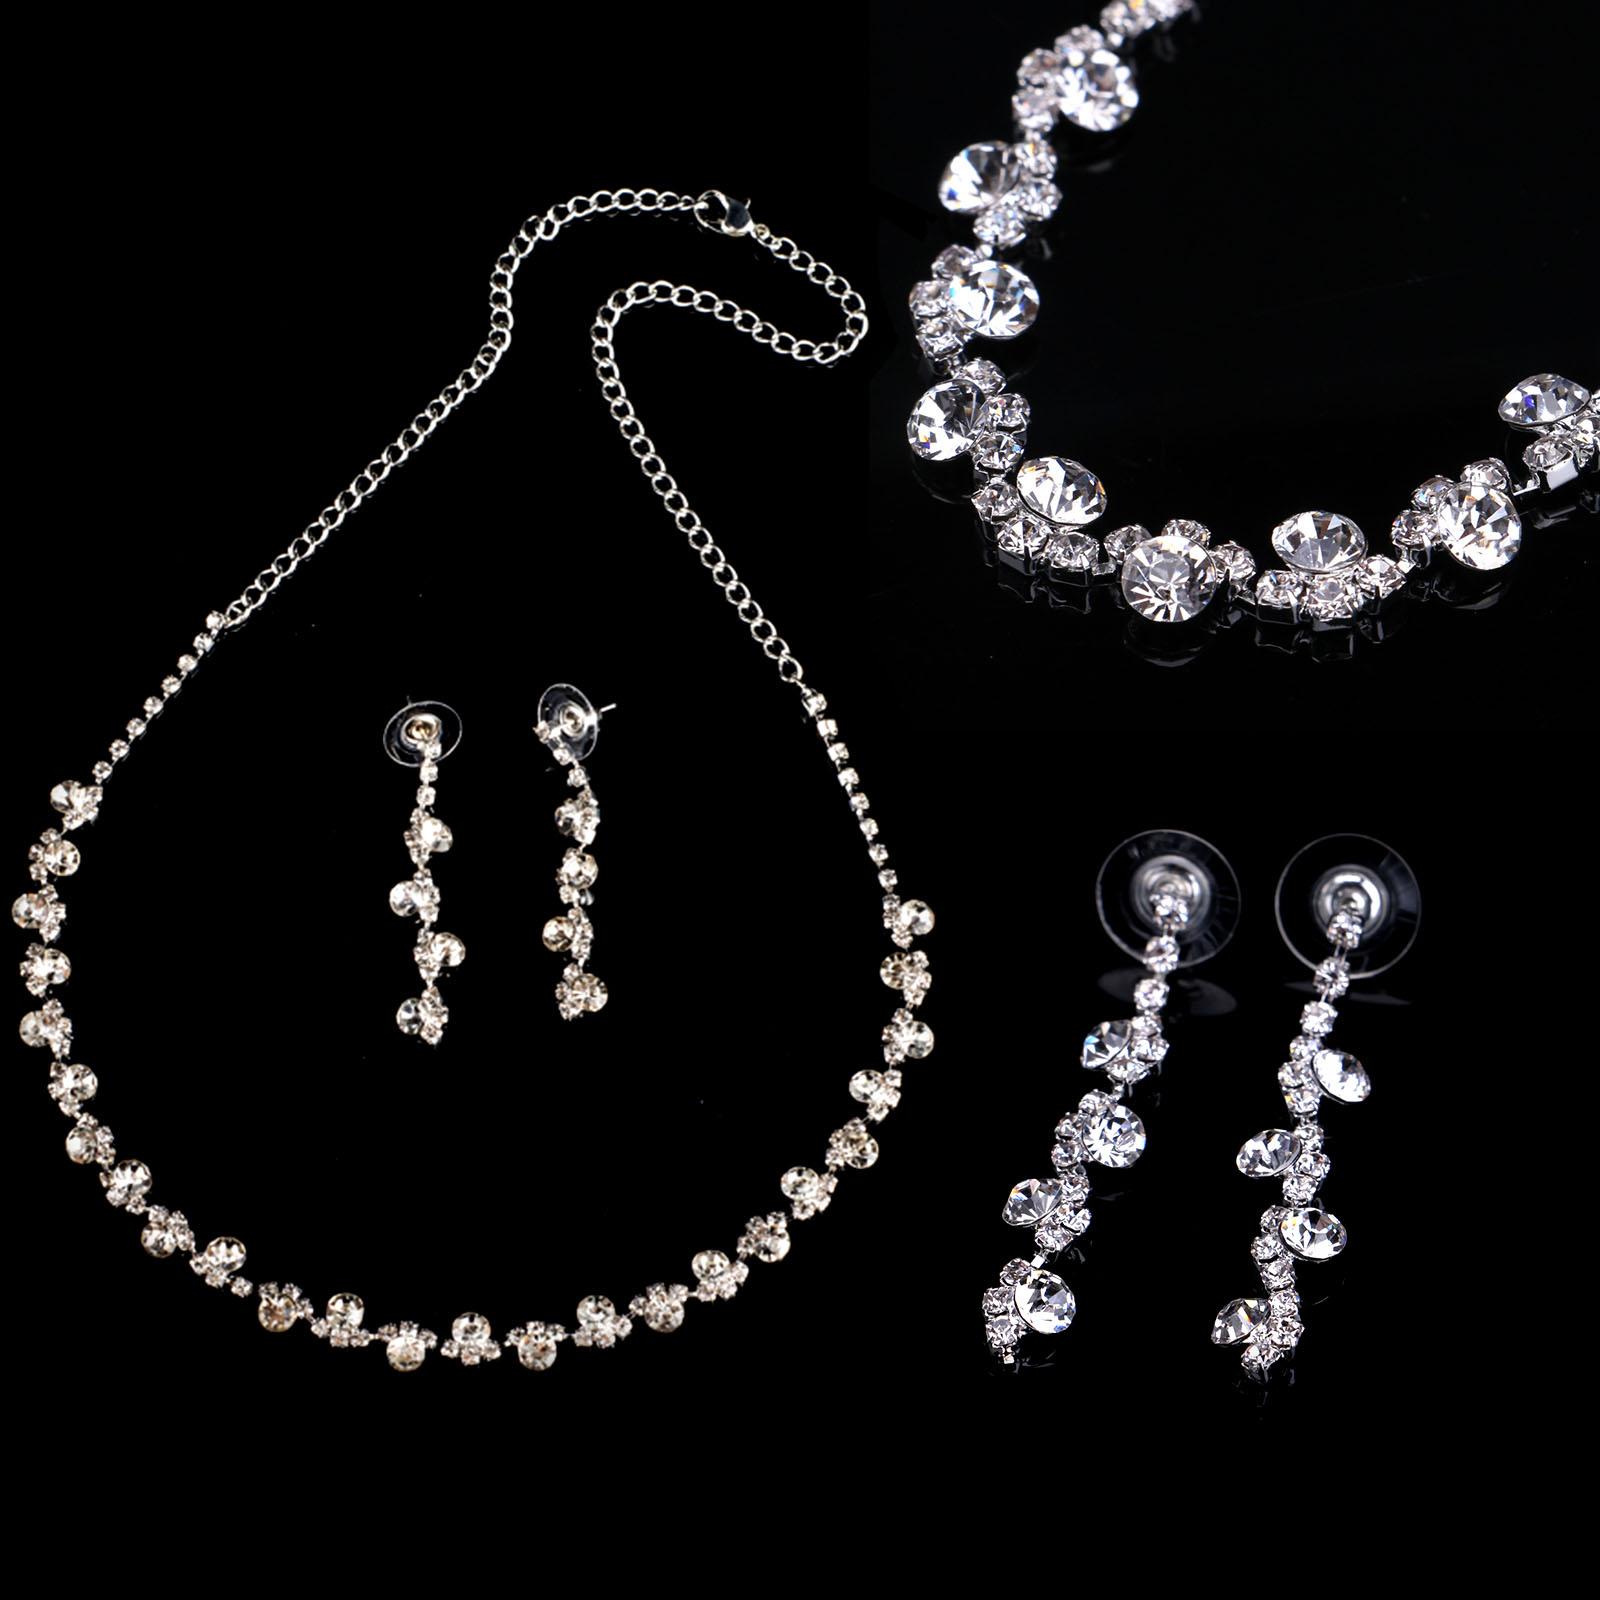 Fashion Earrings Necklace Elegant Jewelry Set Women